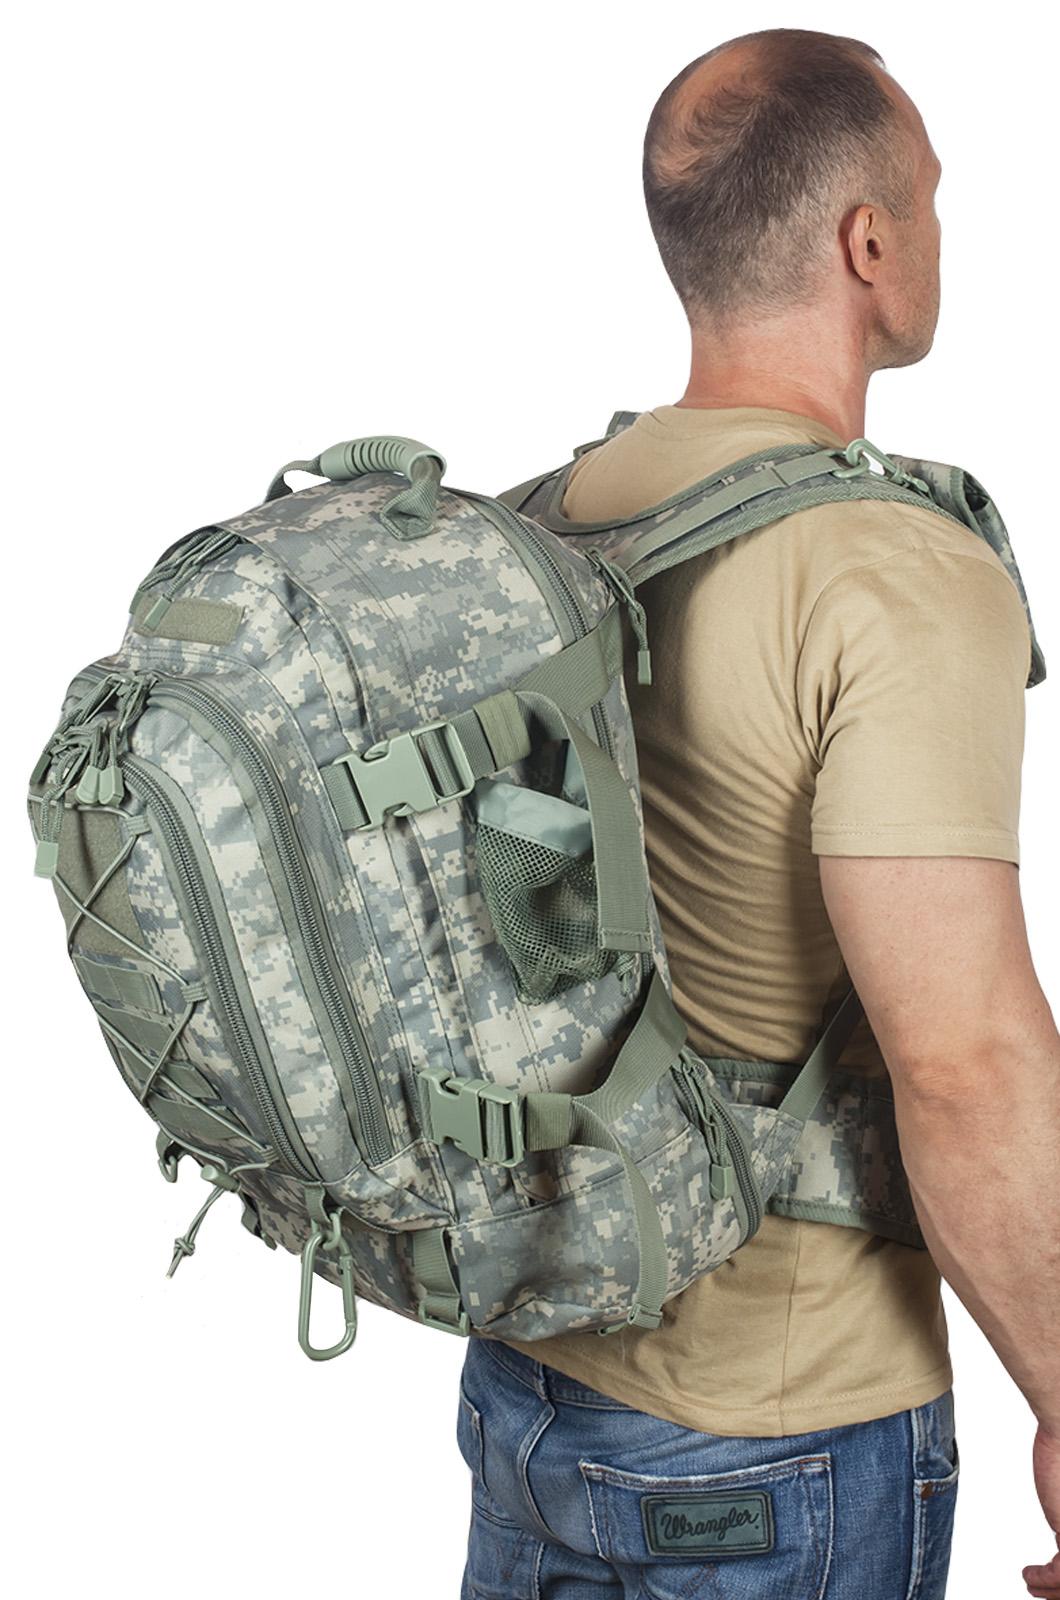 Натовский тактический рюкзак с гидратором 3-Day Expandable Backpack ACU высокого качества